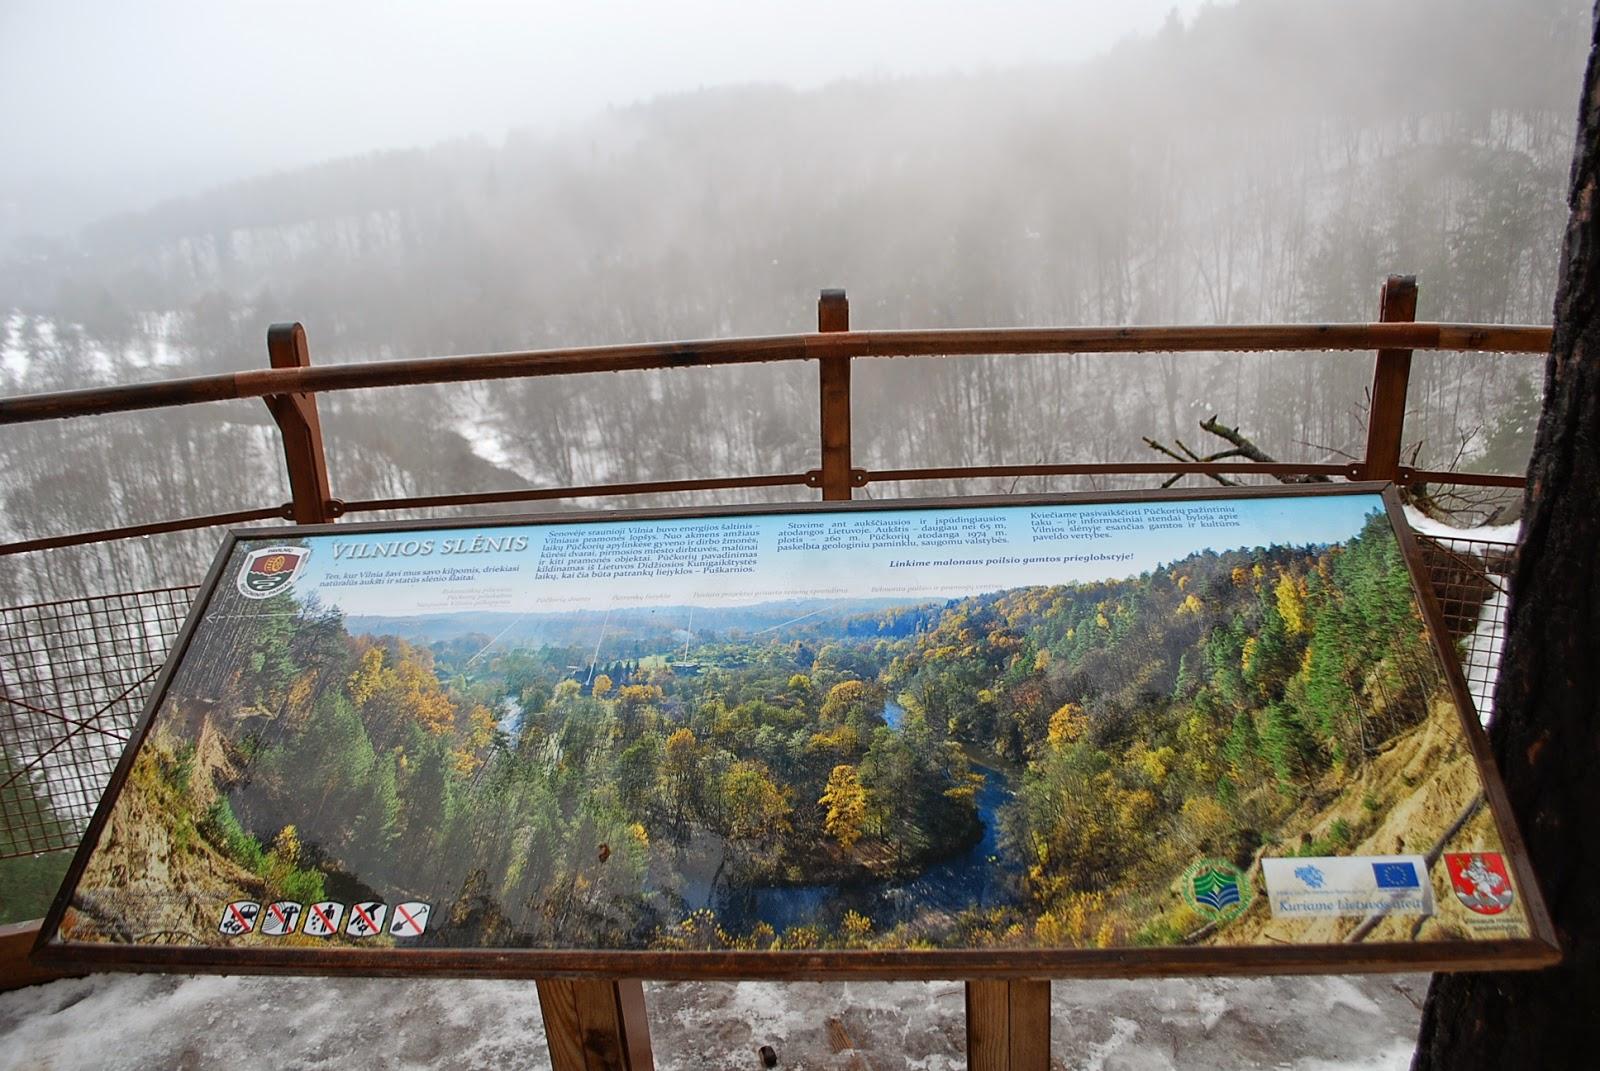 Pavilnių regioninis parkas - стенд позволяющий увидеть всю красоту этого места в летнее время:)